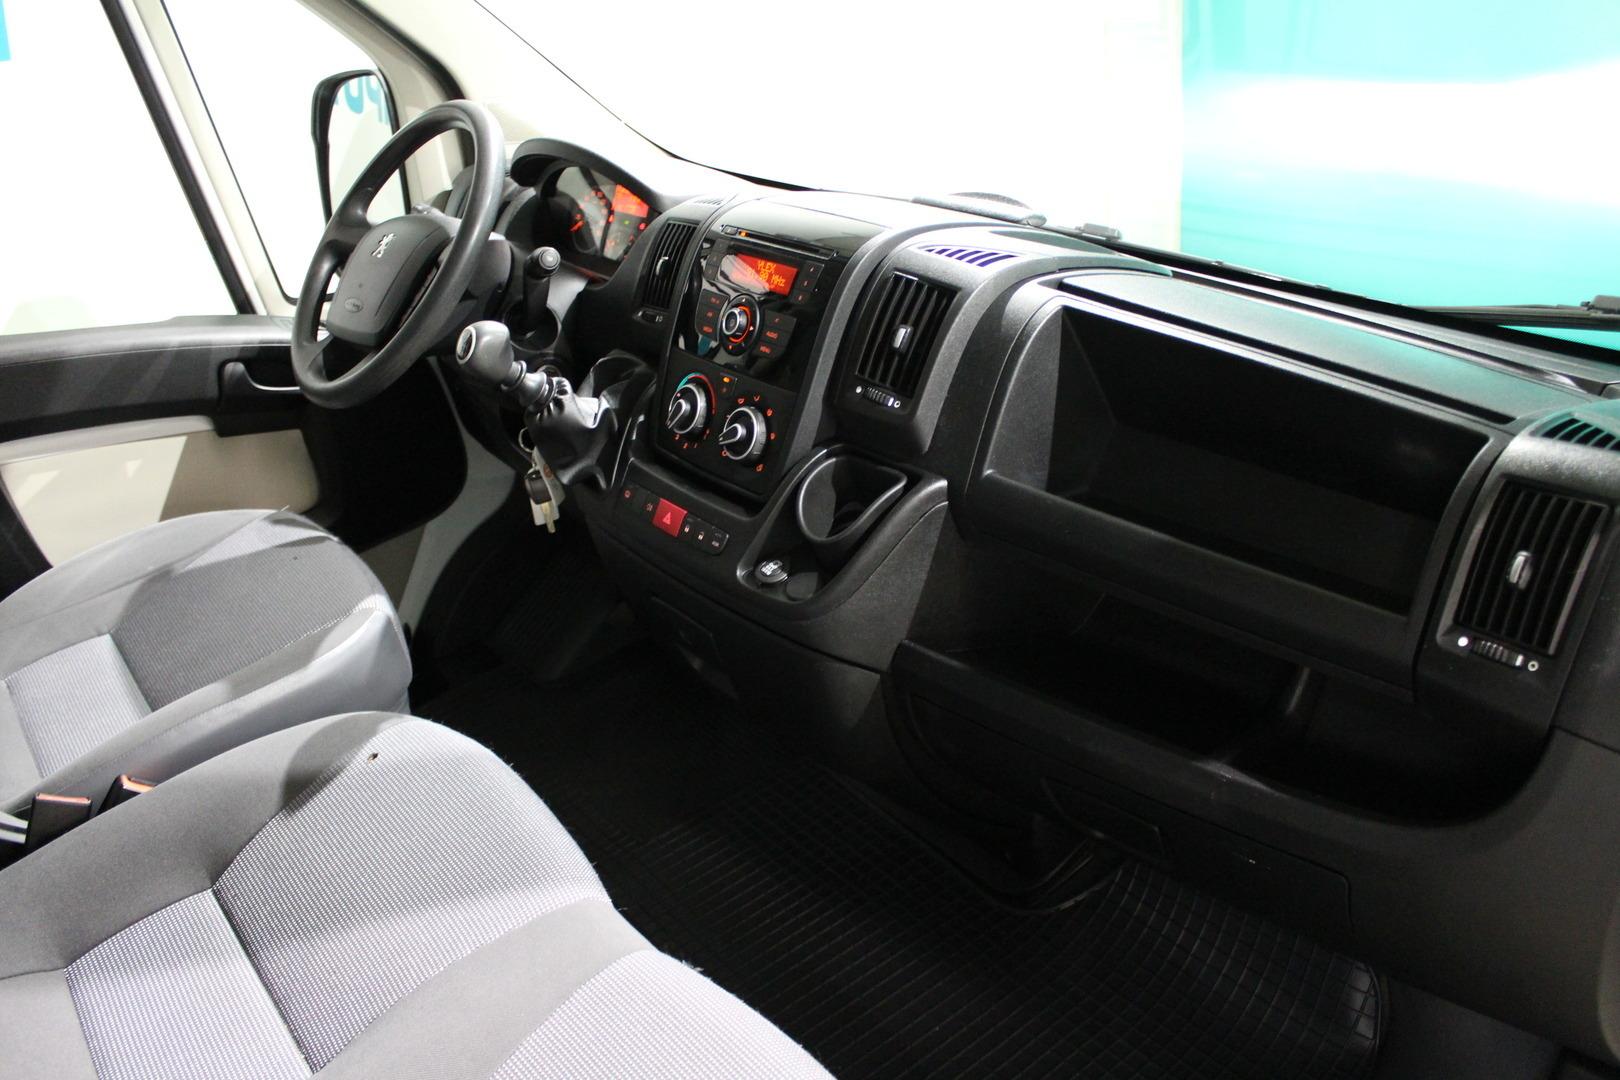 Peugeot Boxer, 335 L2H1 HDi 110 FAP Silver#Alvillinen #Vakionopeudensäädin #Webasto **Juuri tullut**